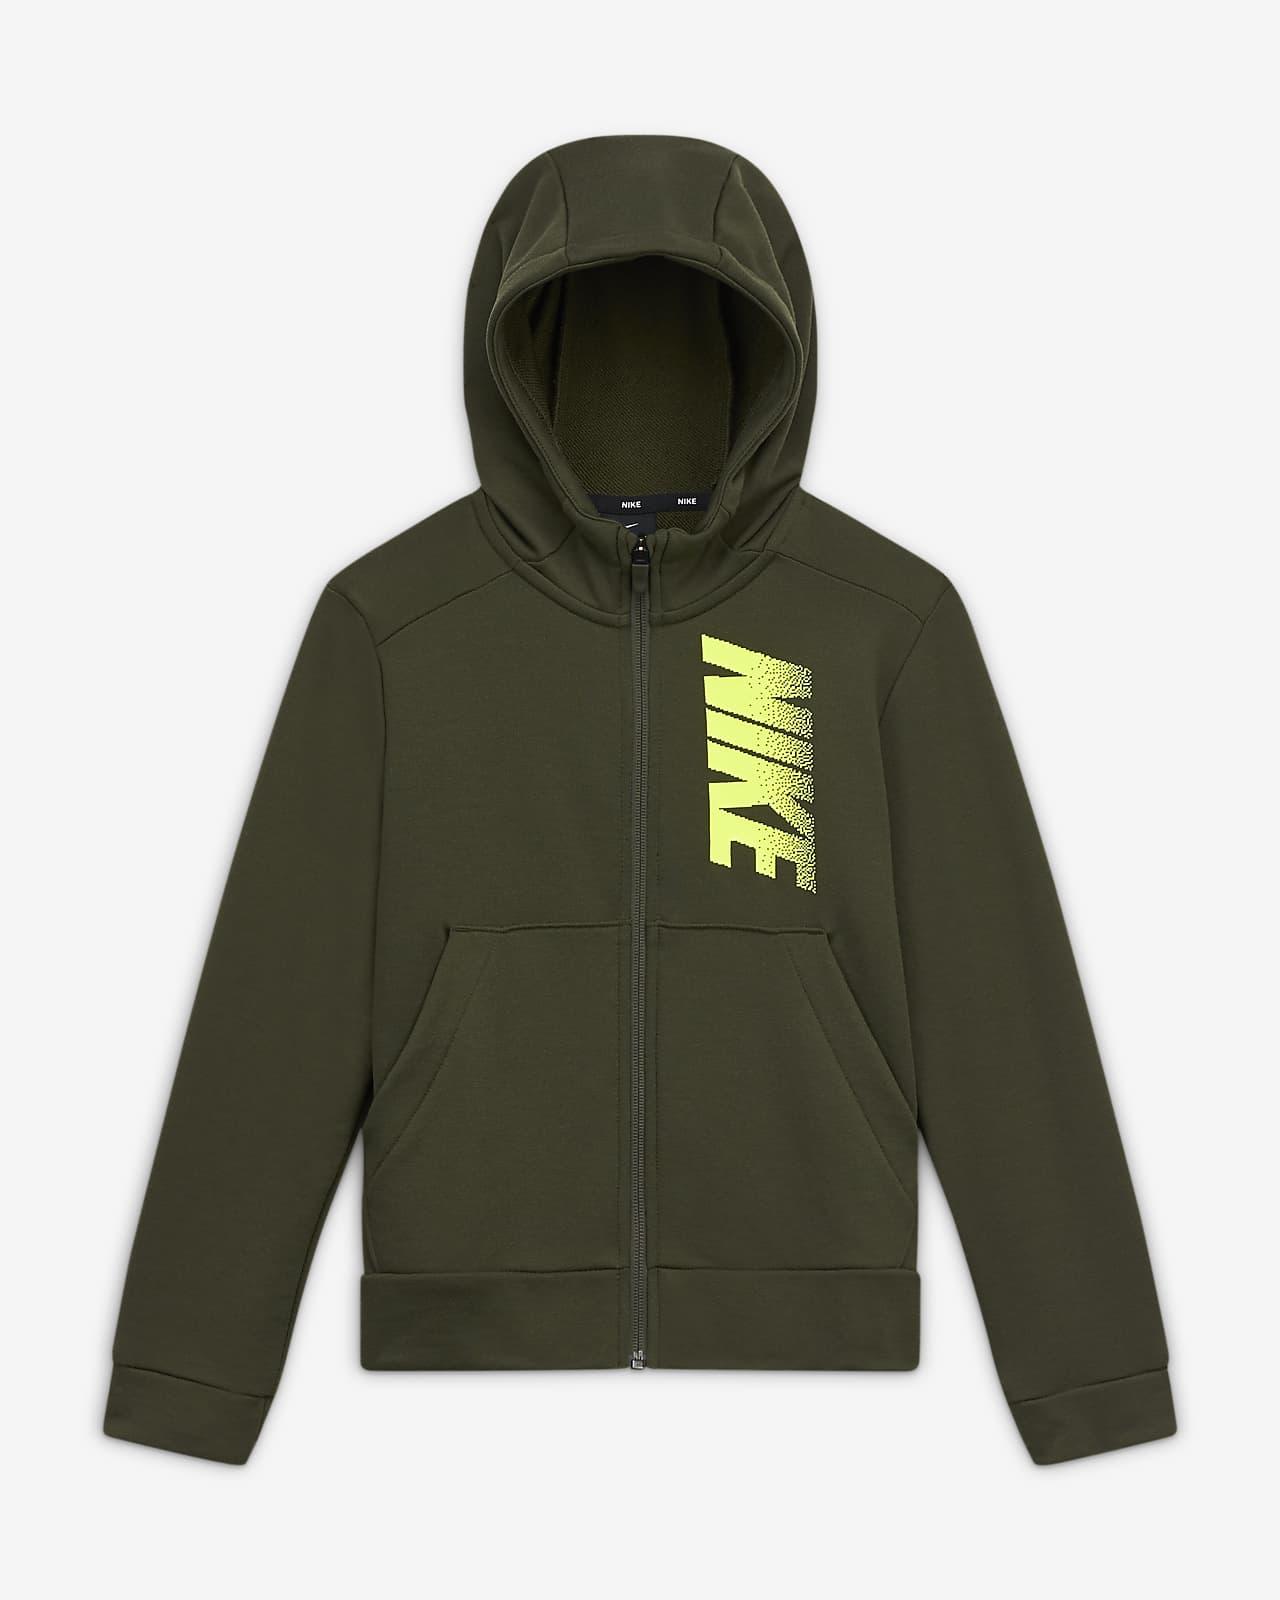 Flísová mikina skapucí, zipem po celé délce a grafickým motivem Nike Dri-FIT pro větší děti (chlapce)